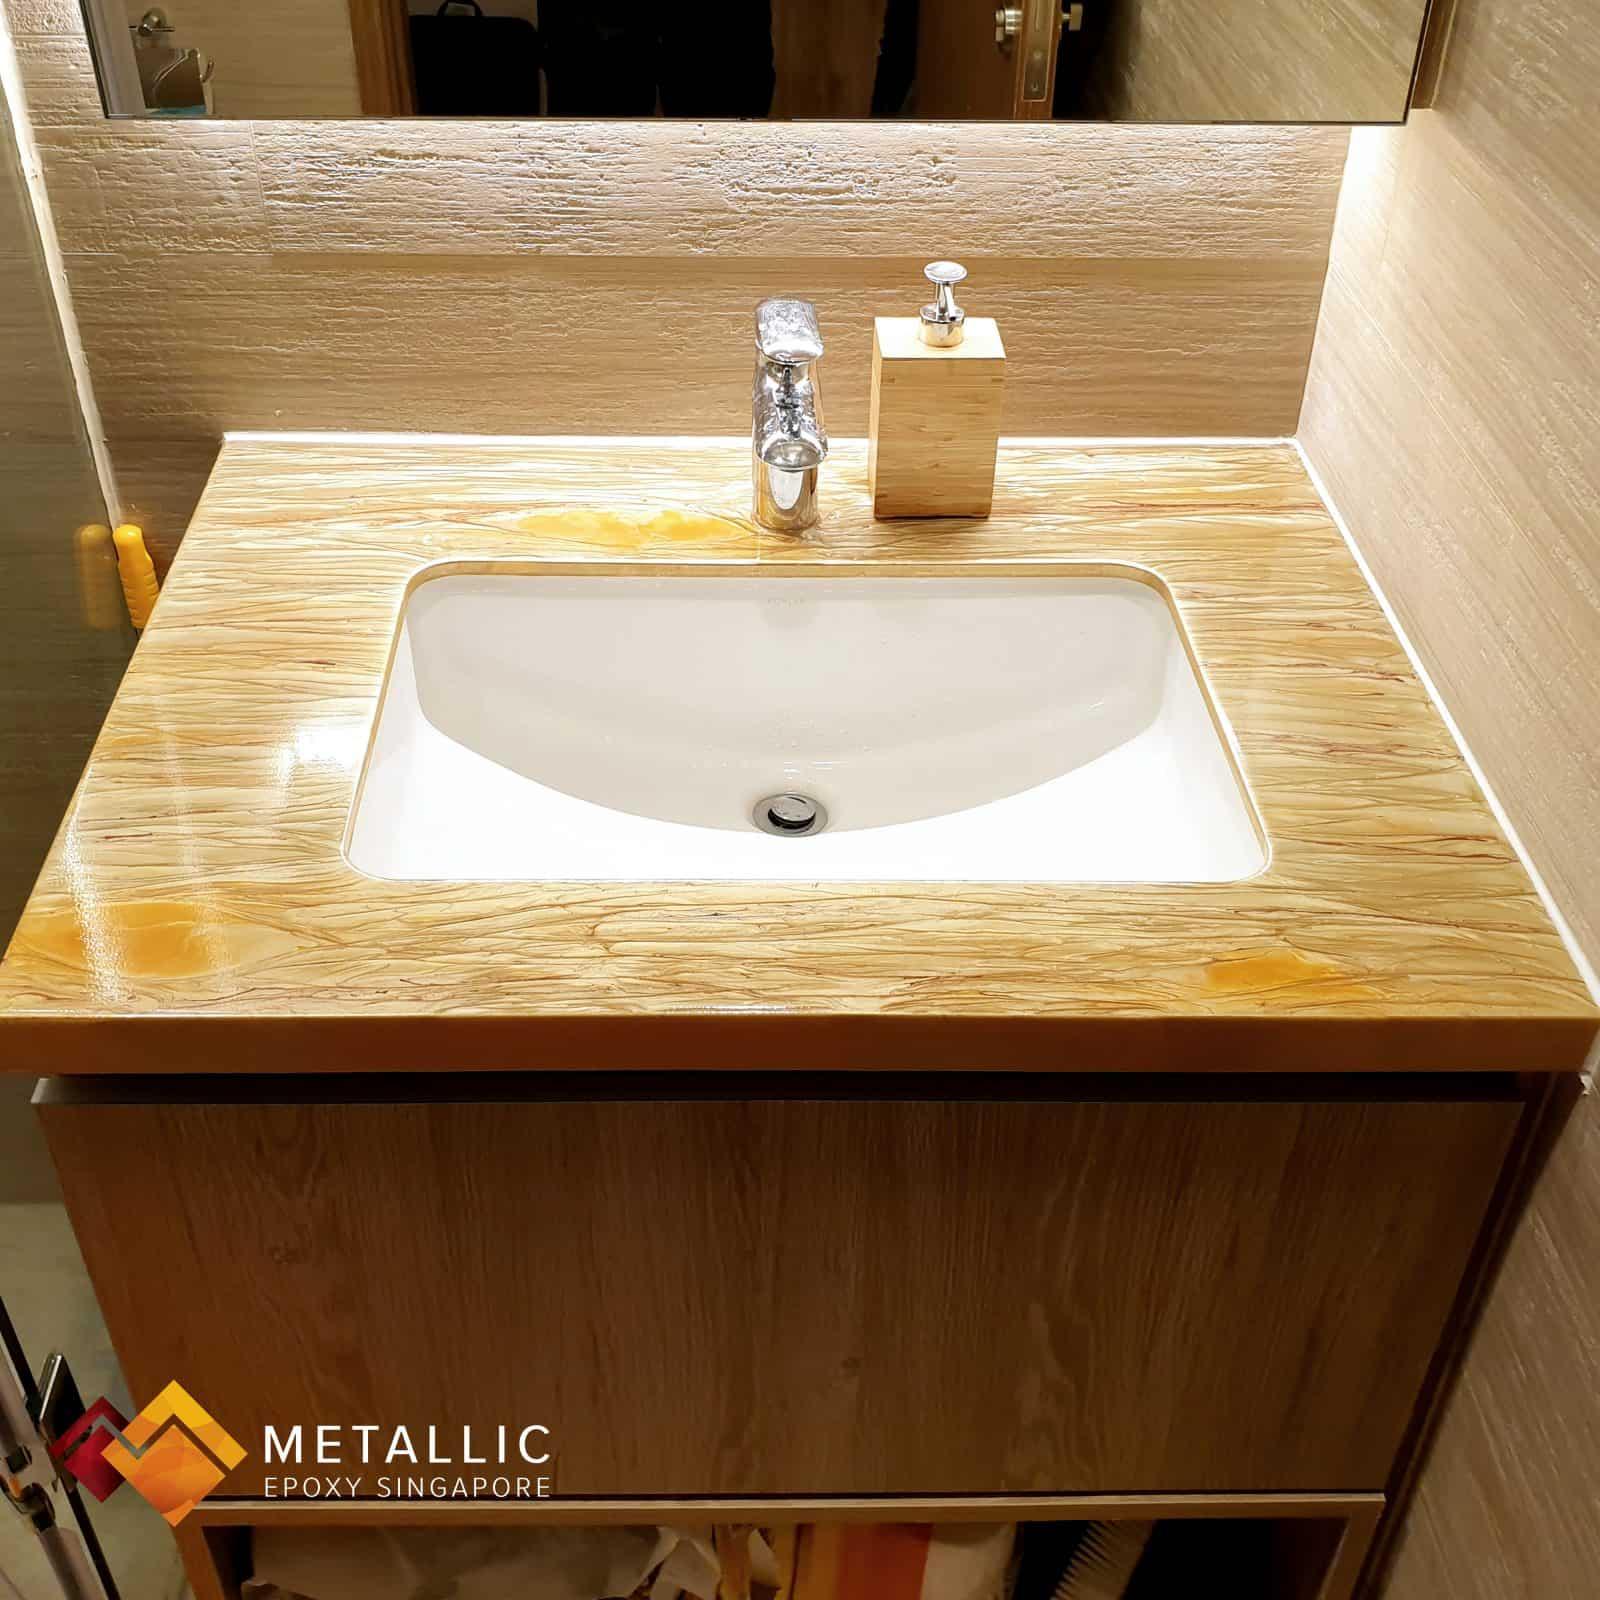 Wood metallic epoxy singapore vanity top